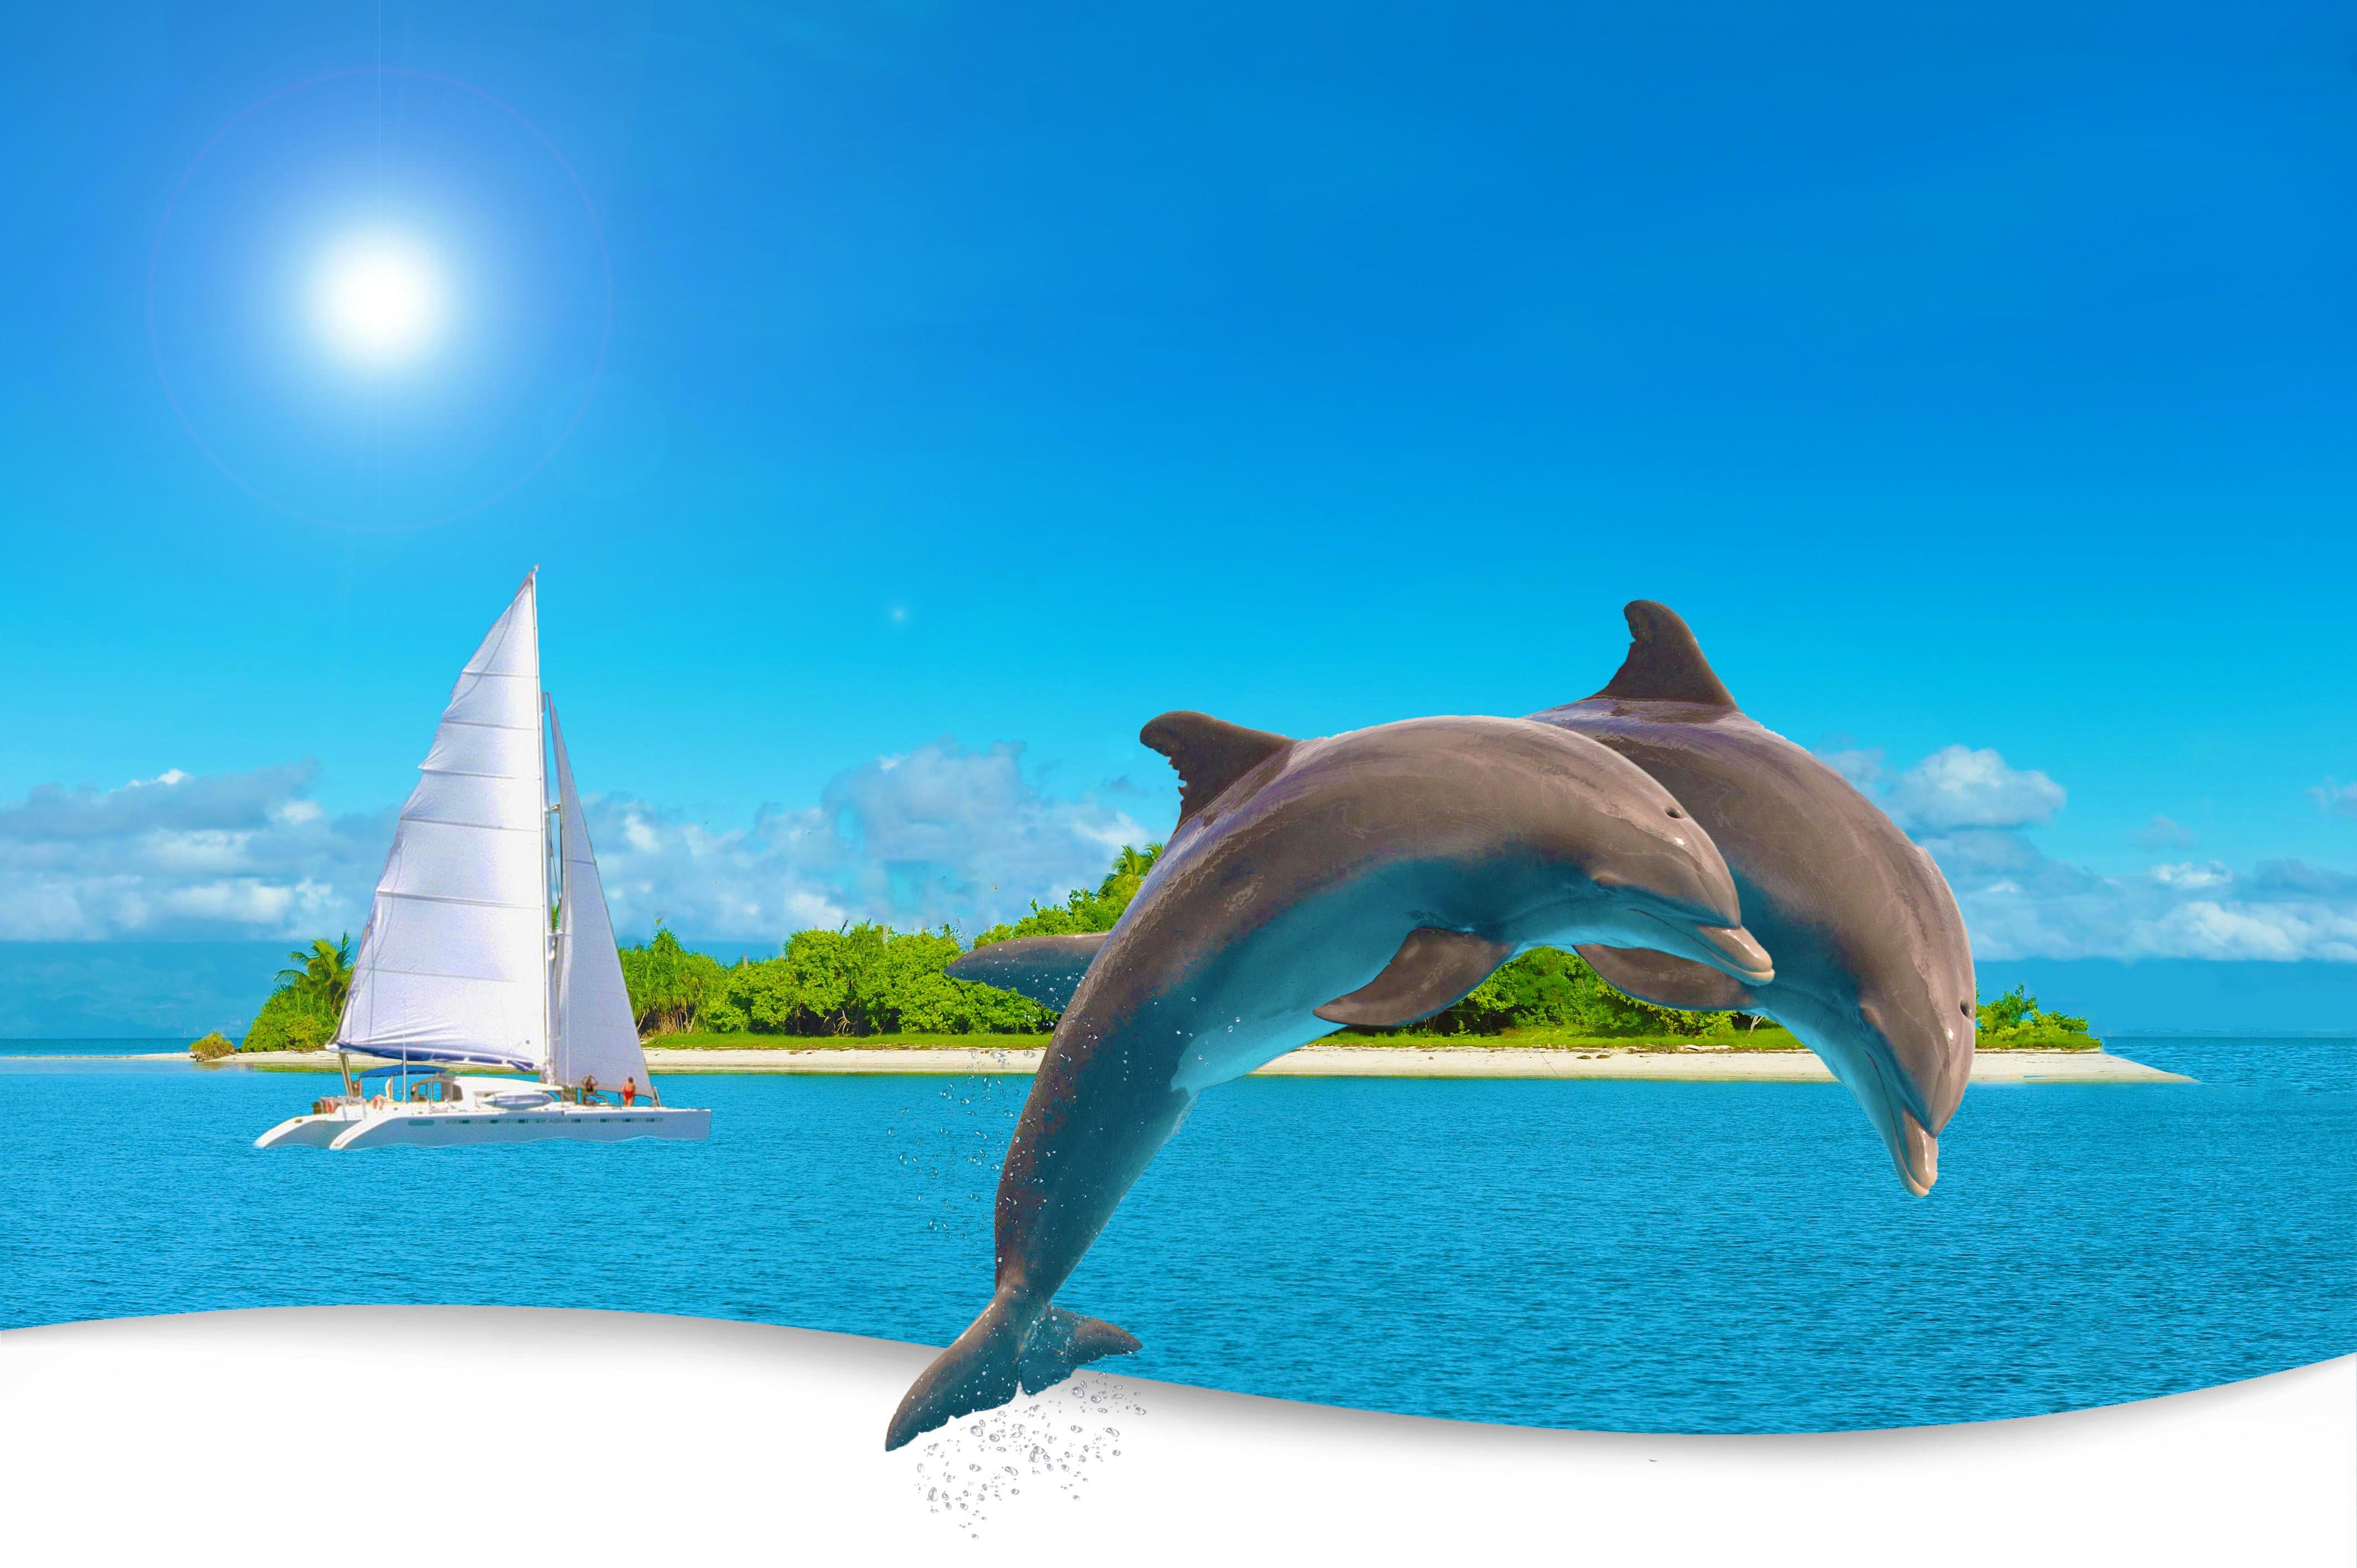 Dolphin WP32